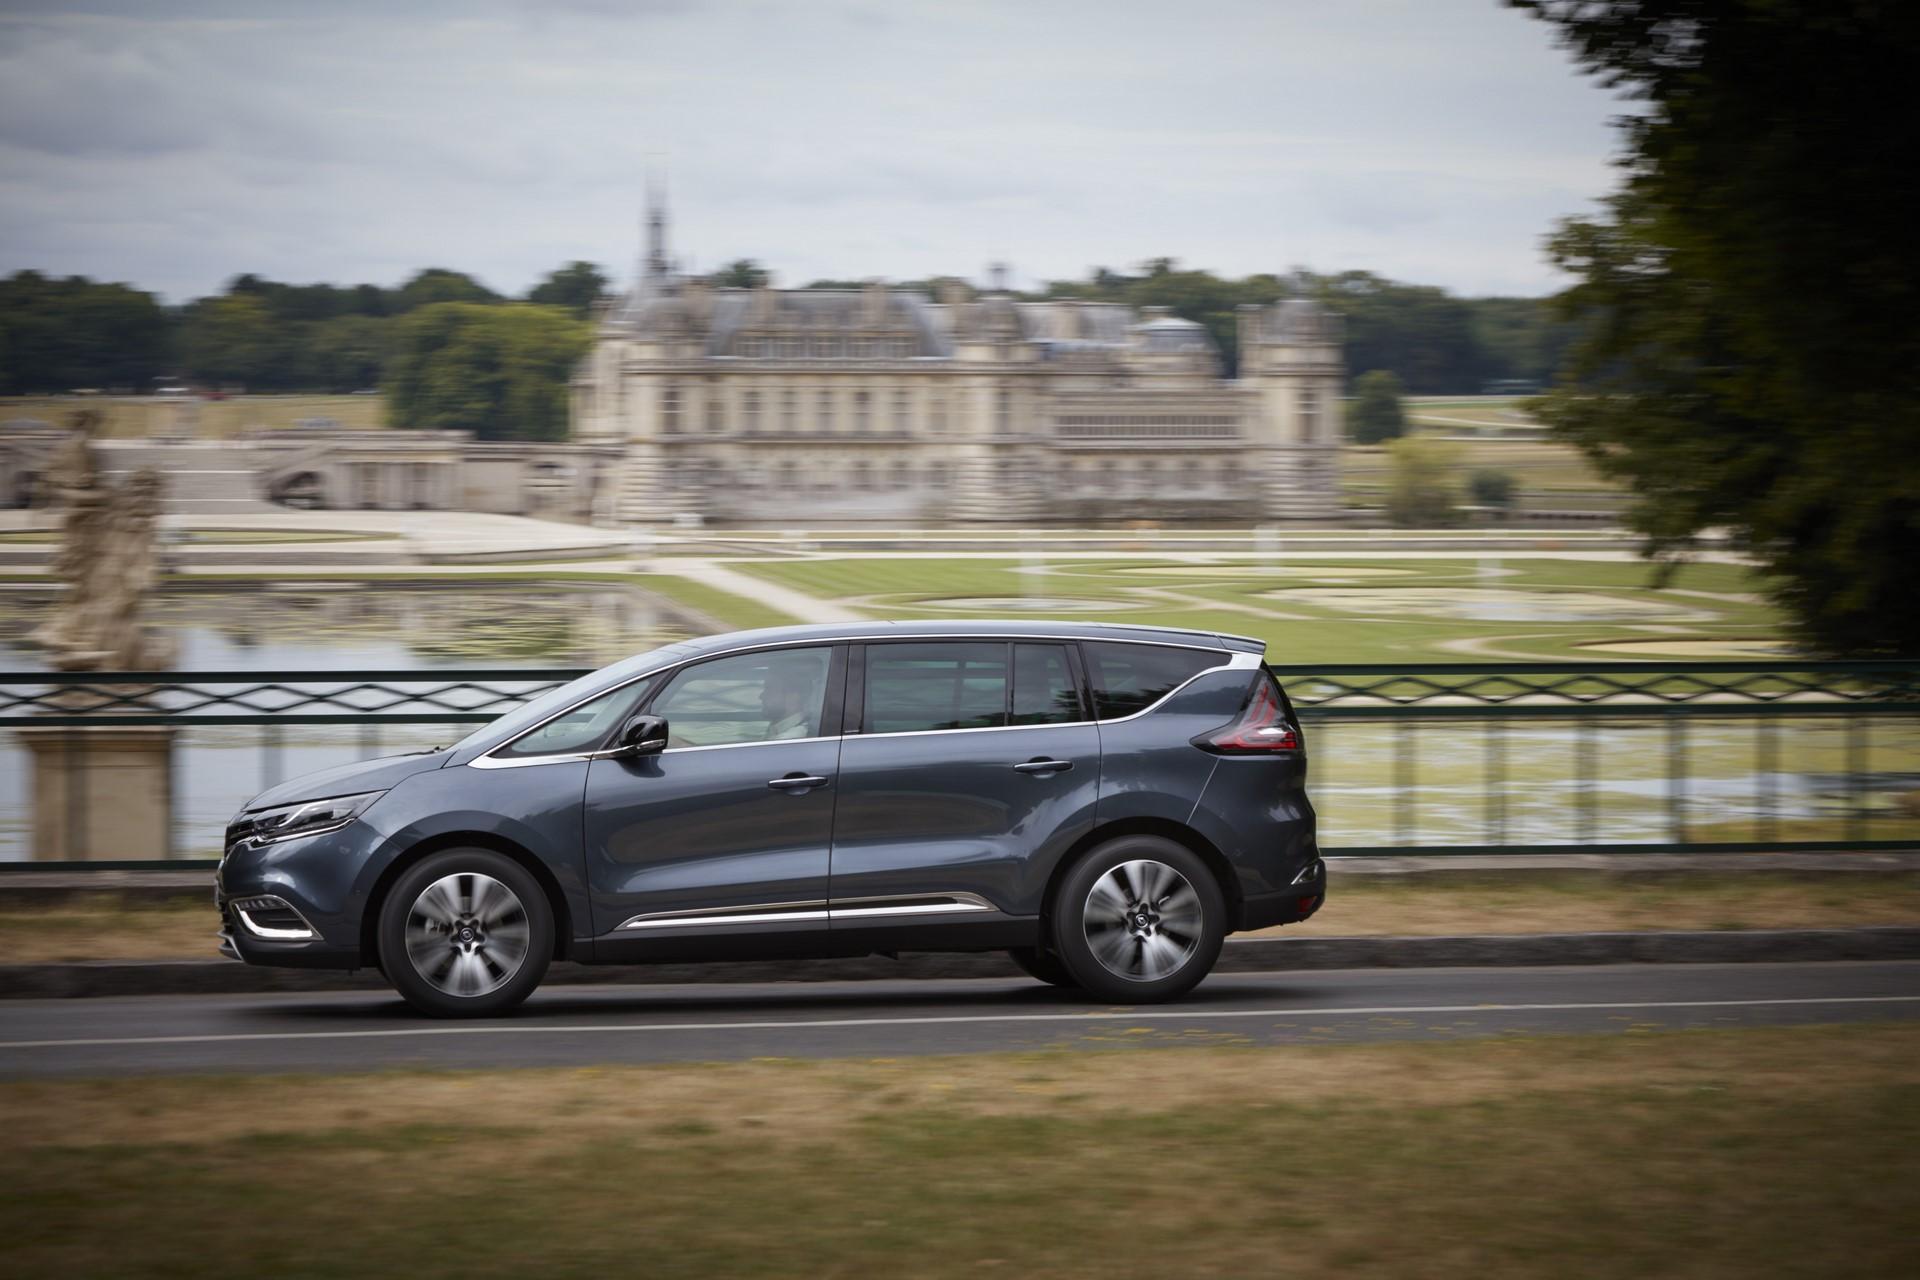 Renault_93237_global_en